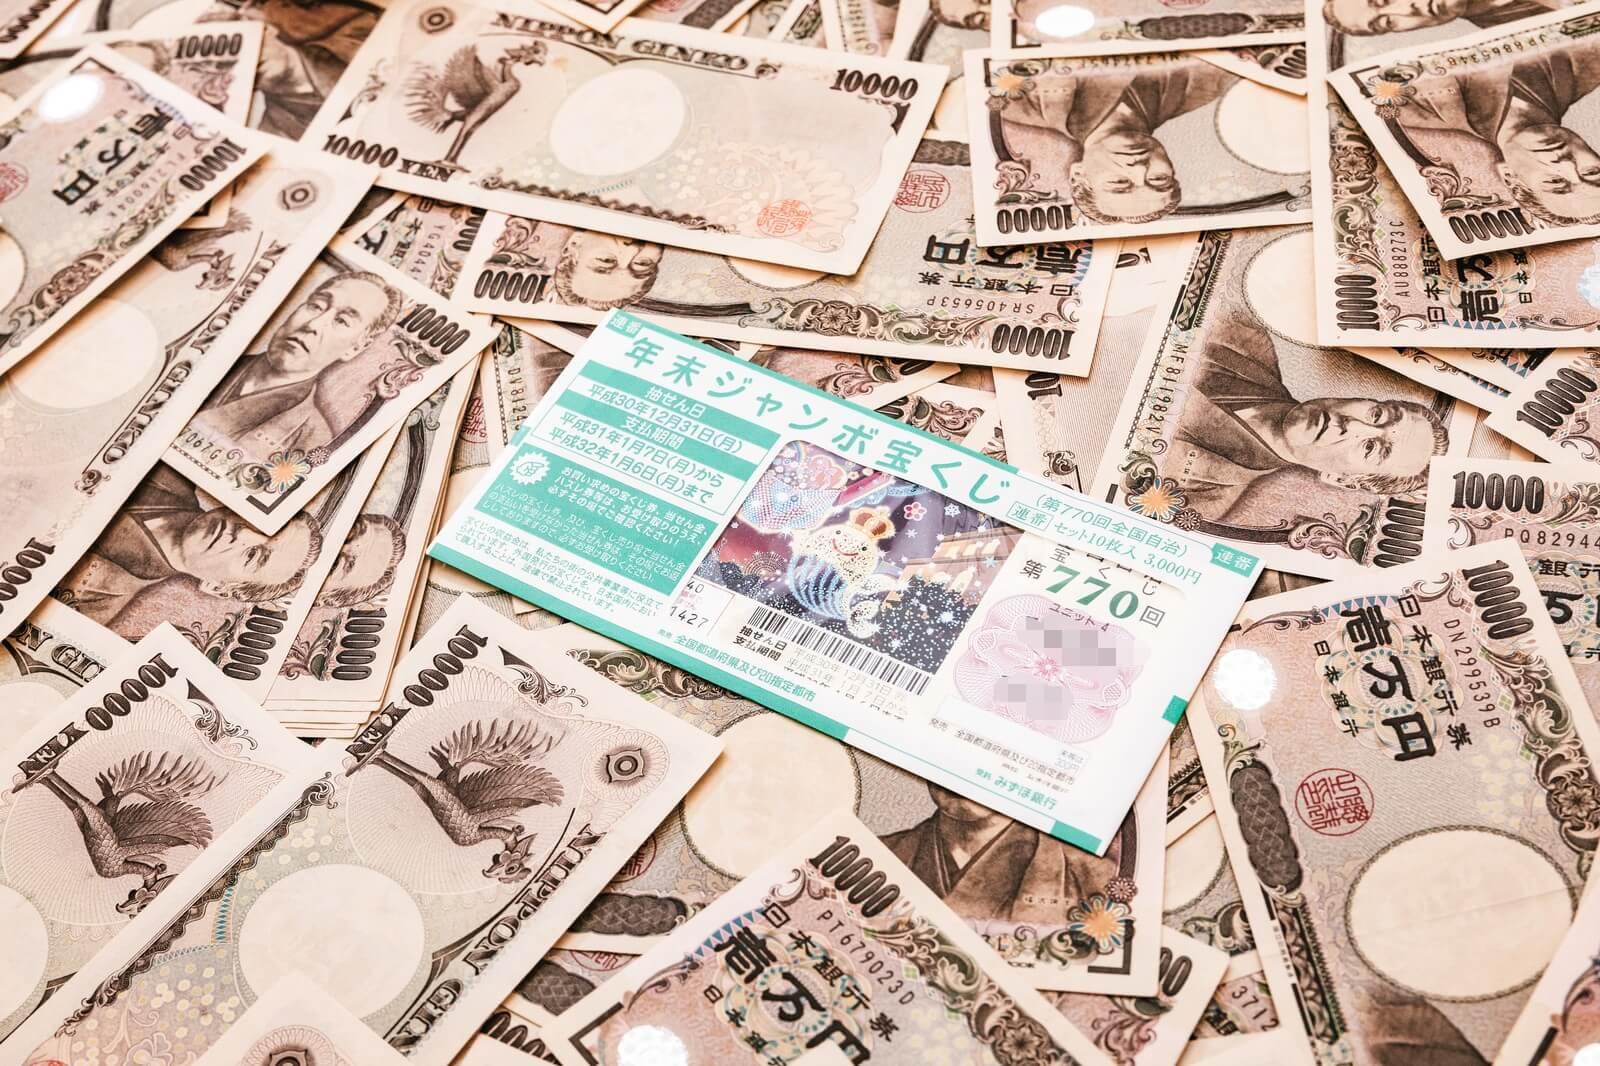 たくさんの一万円札と宝くじの画像